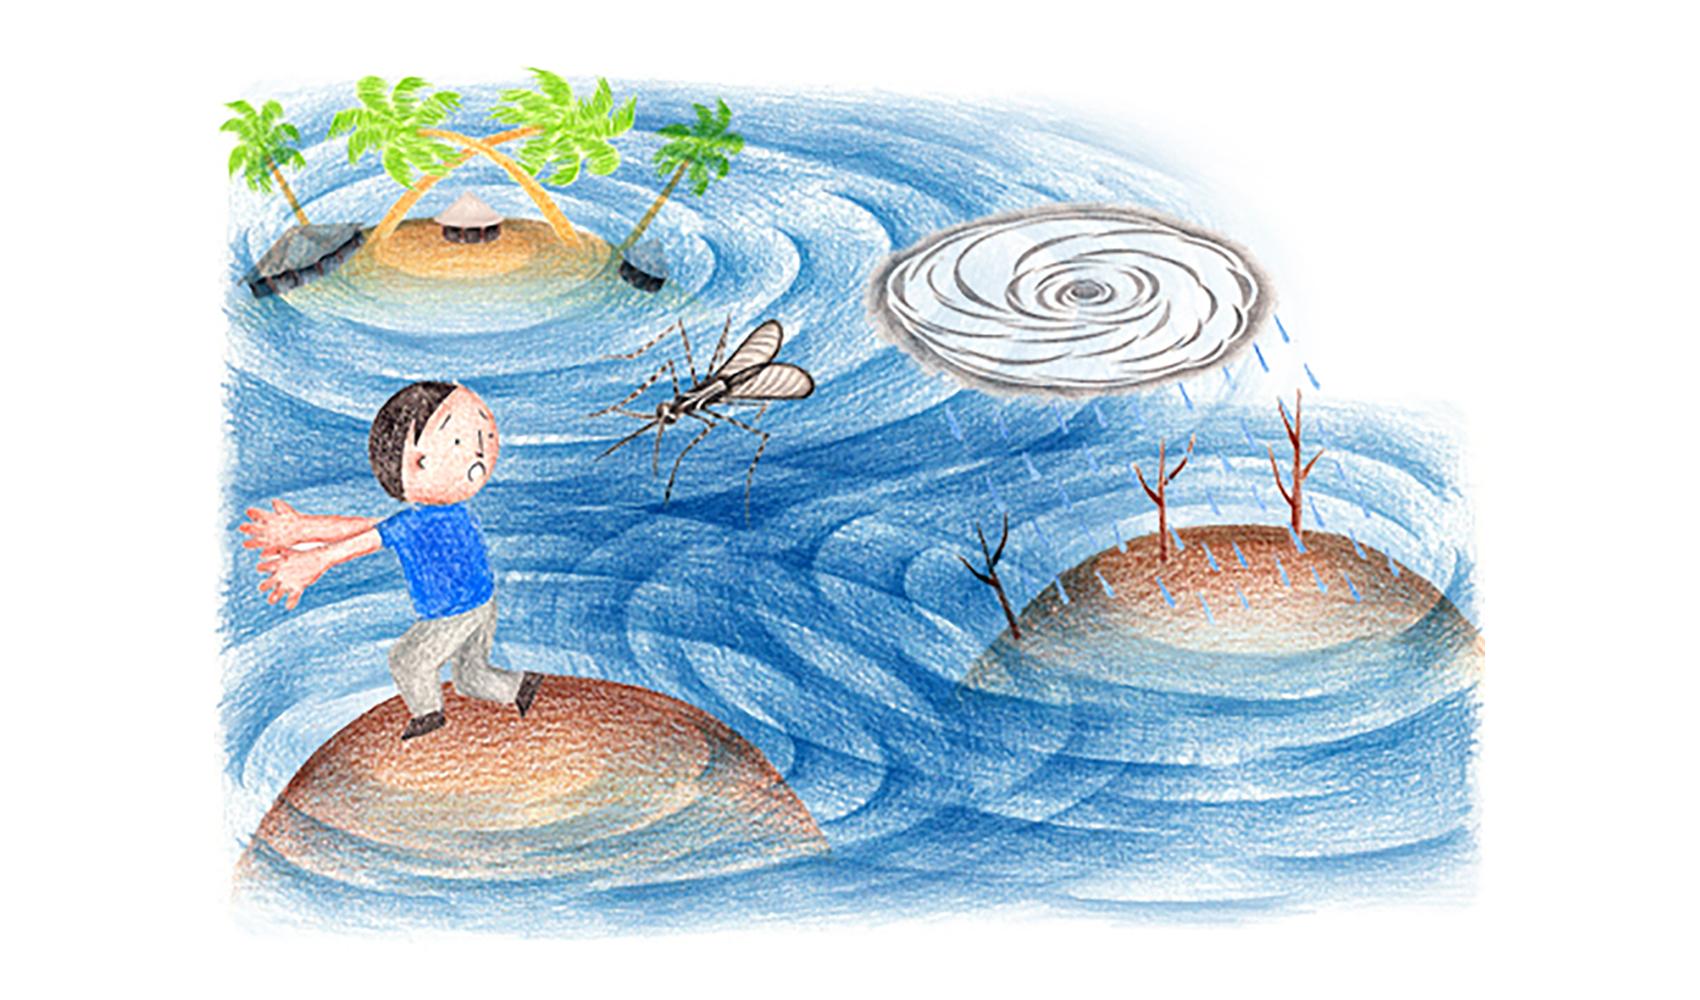 地球温暖化が進むと、どんなことが起こってくるのですか?